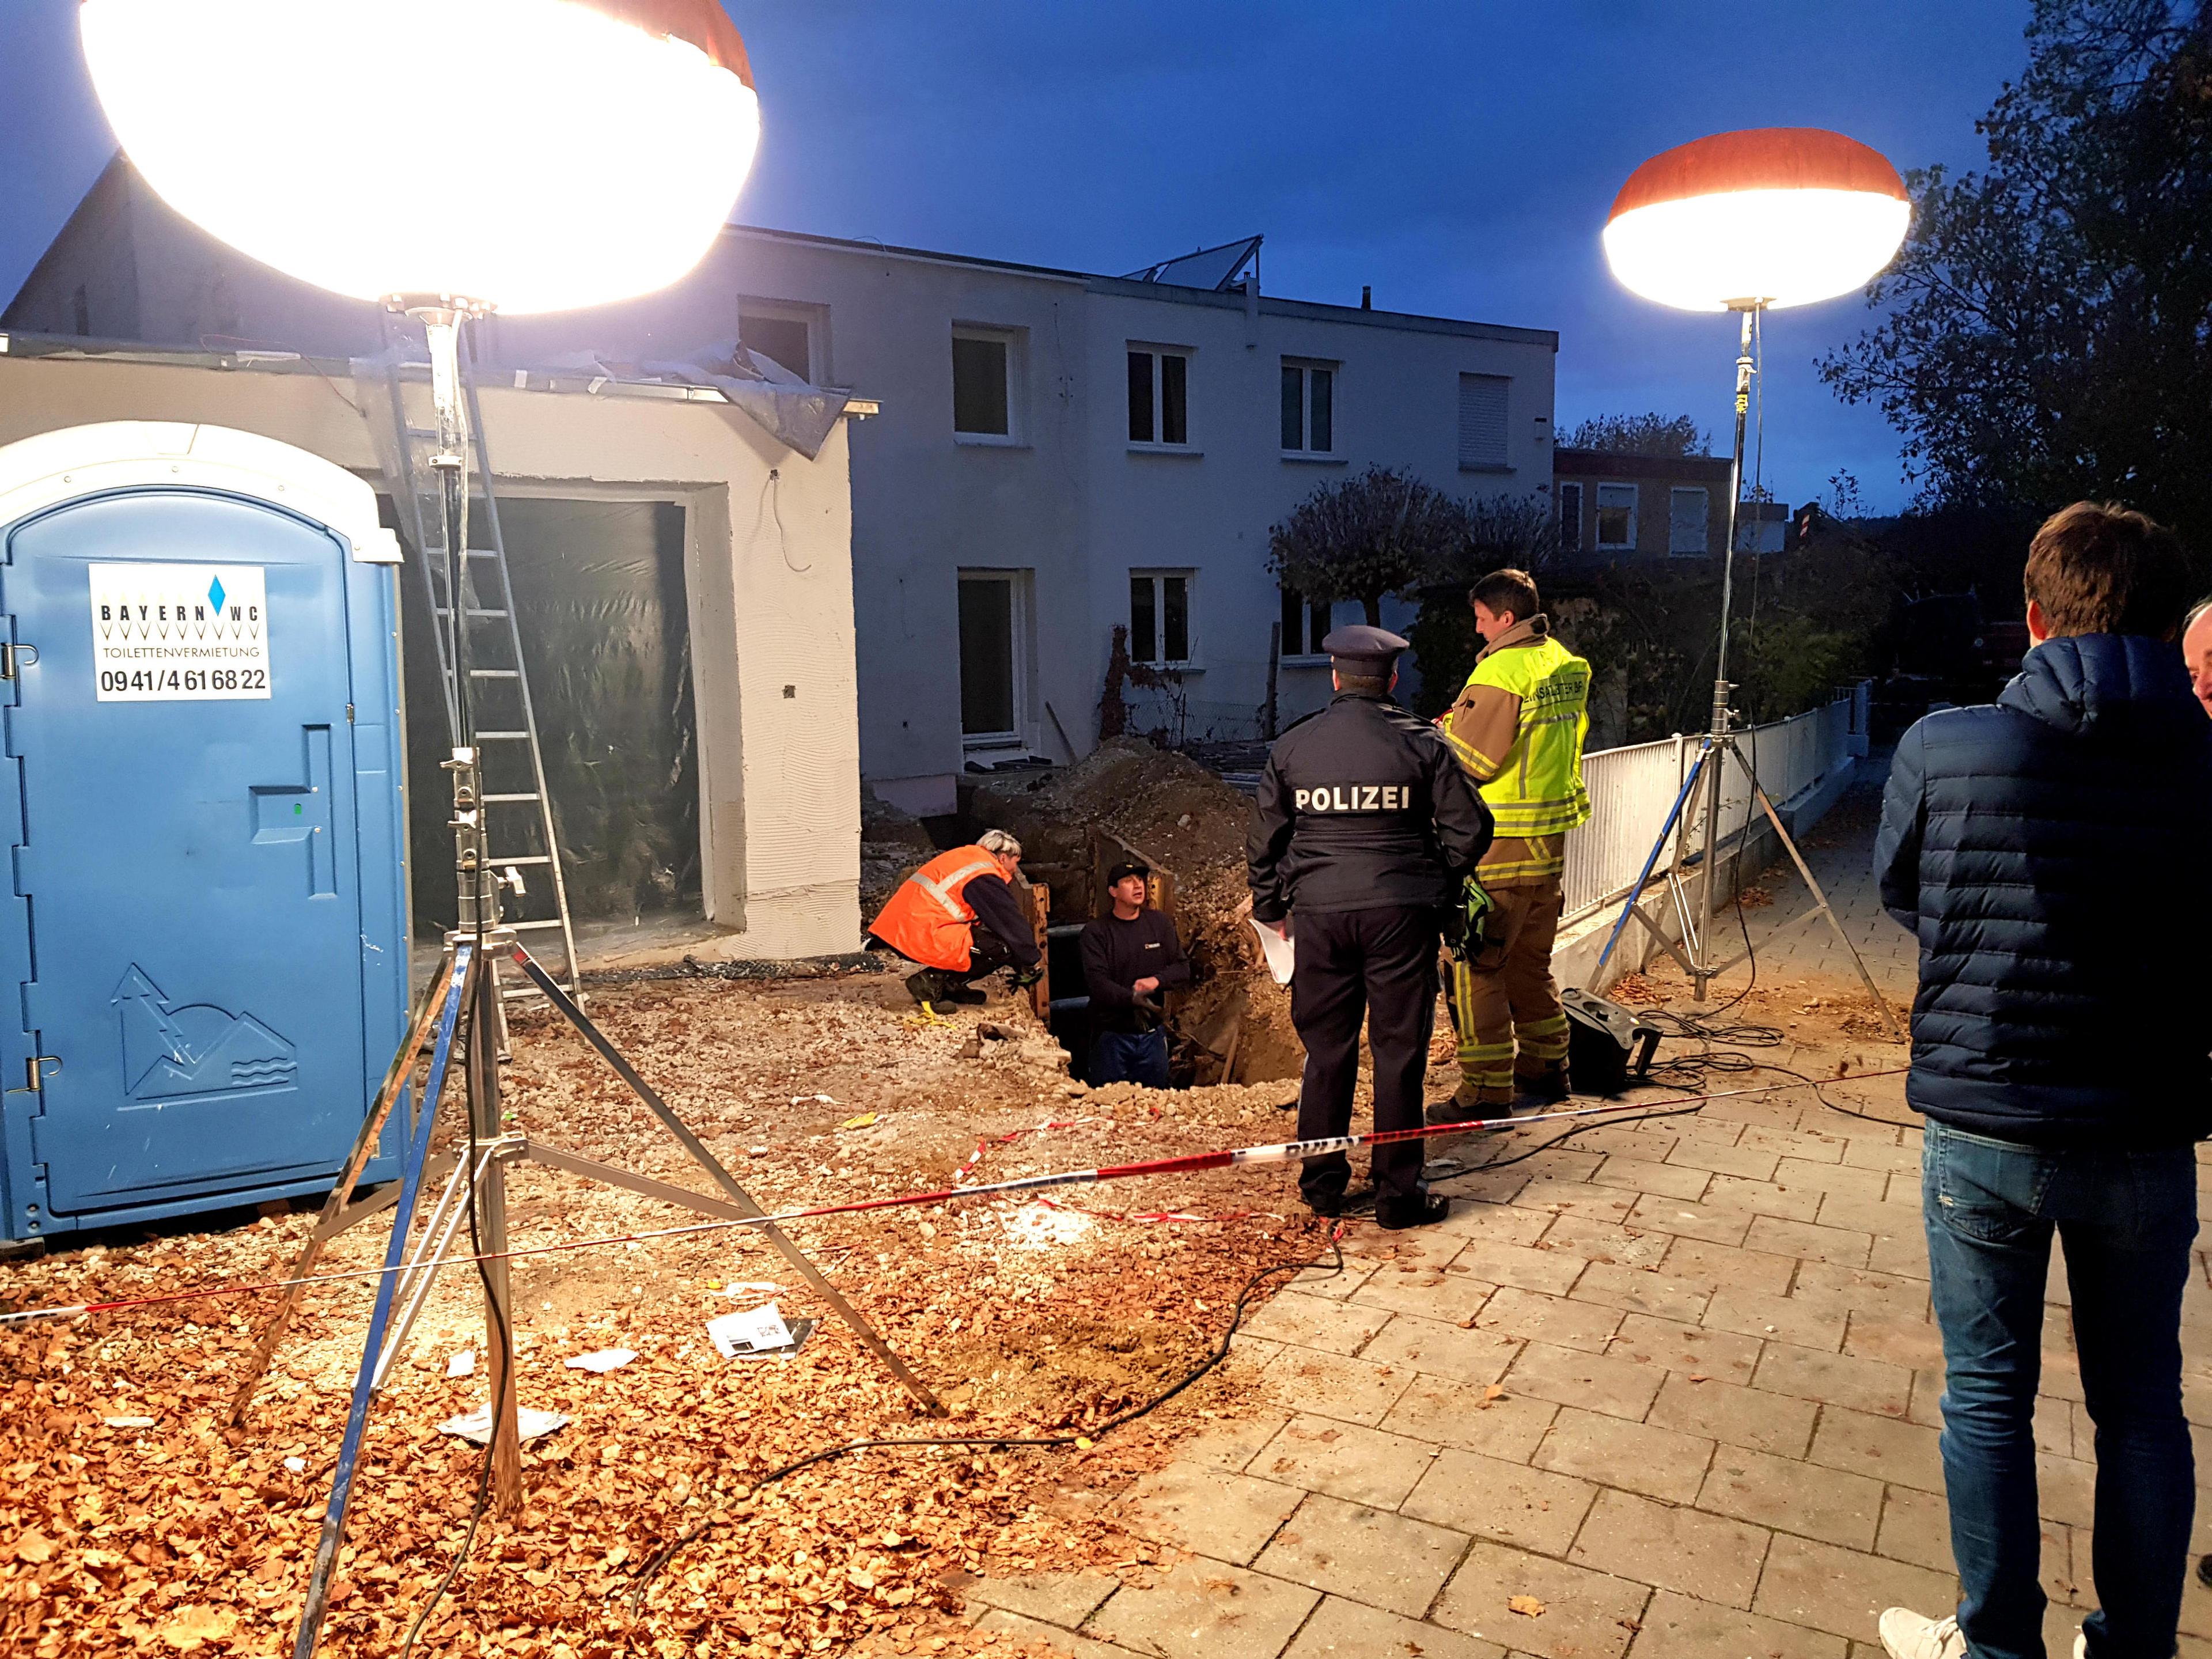 Bombe Regensburg Heute